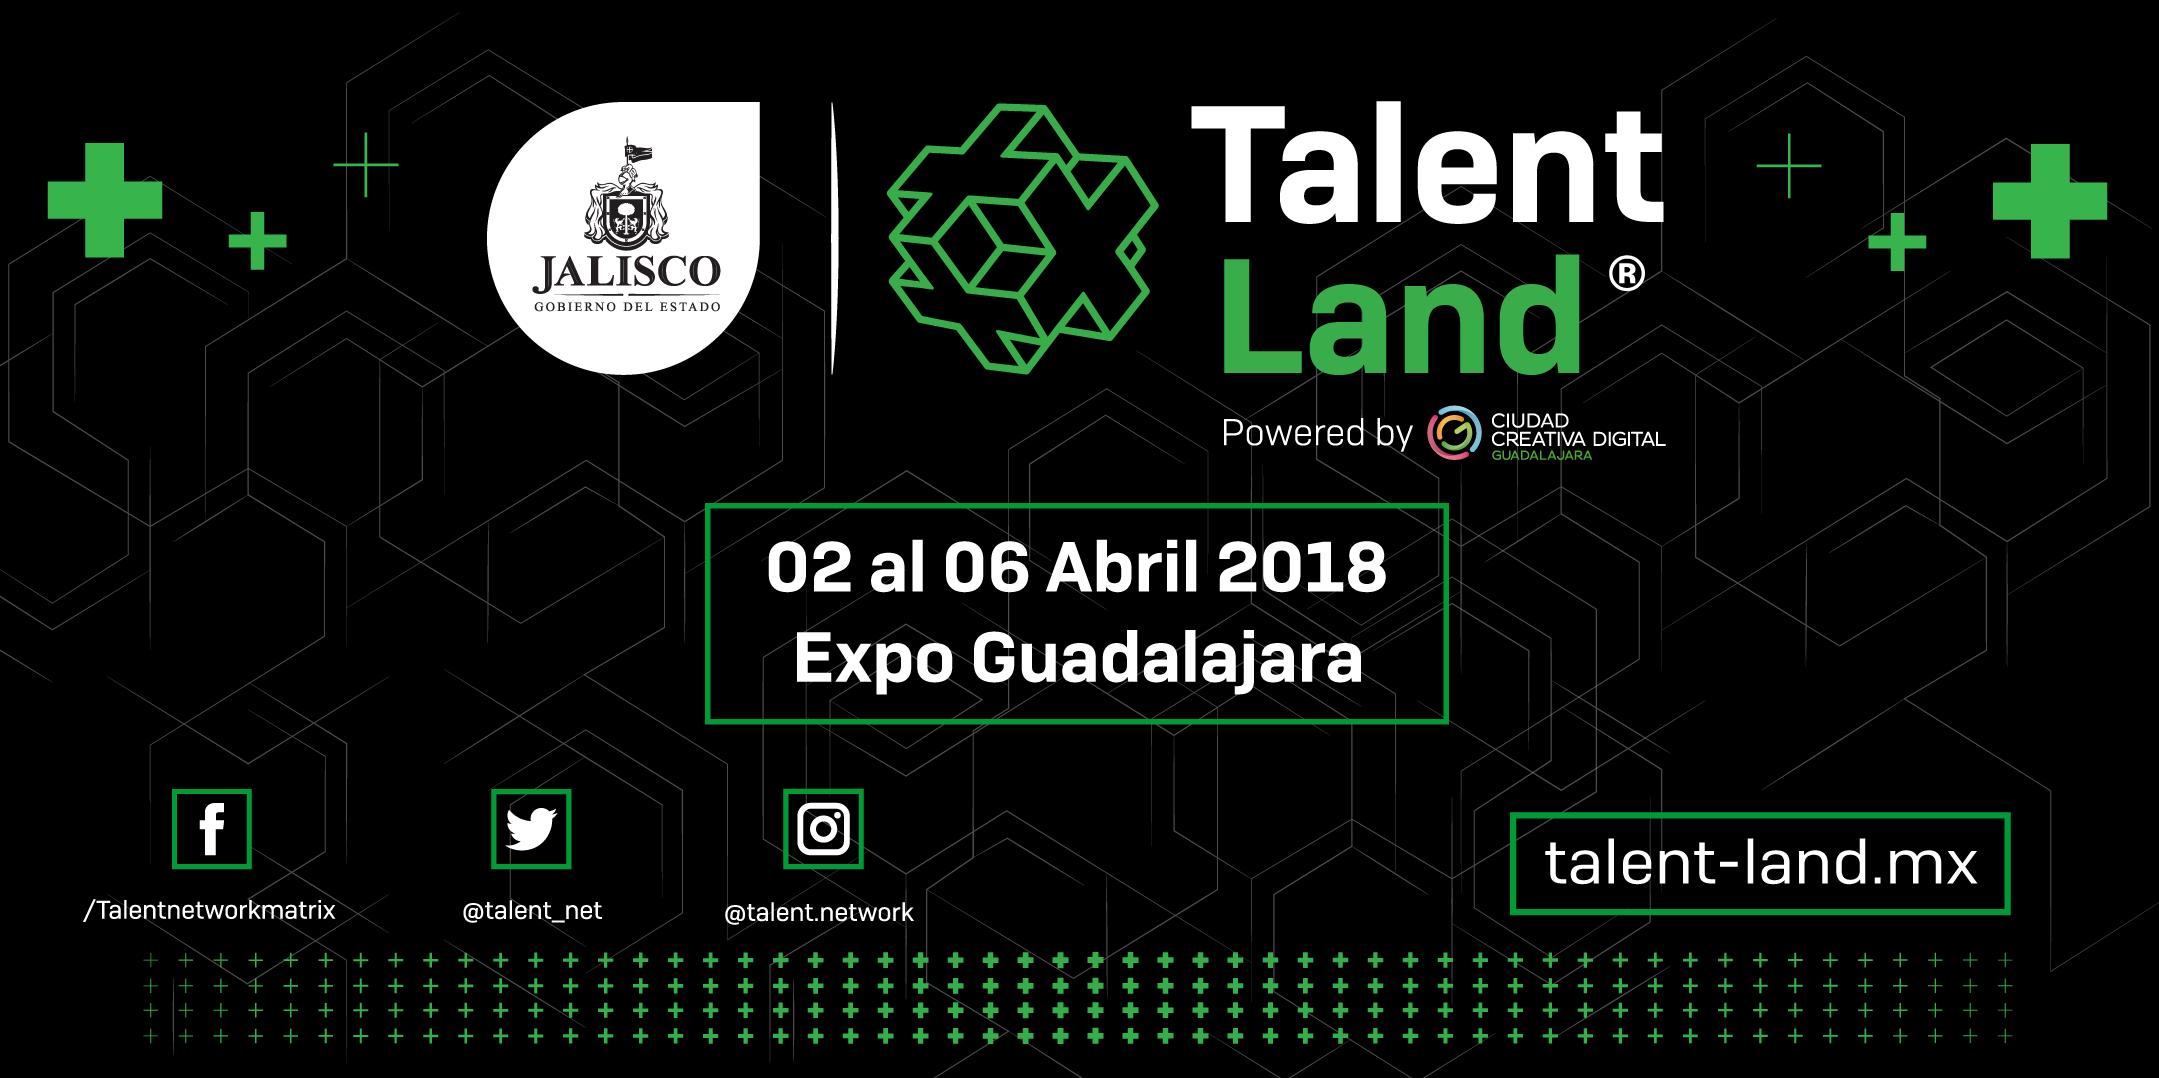 Talent Land el evento tecnológico más grande del pais